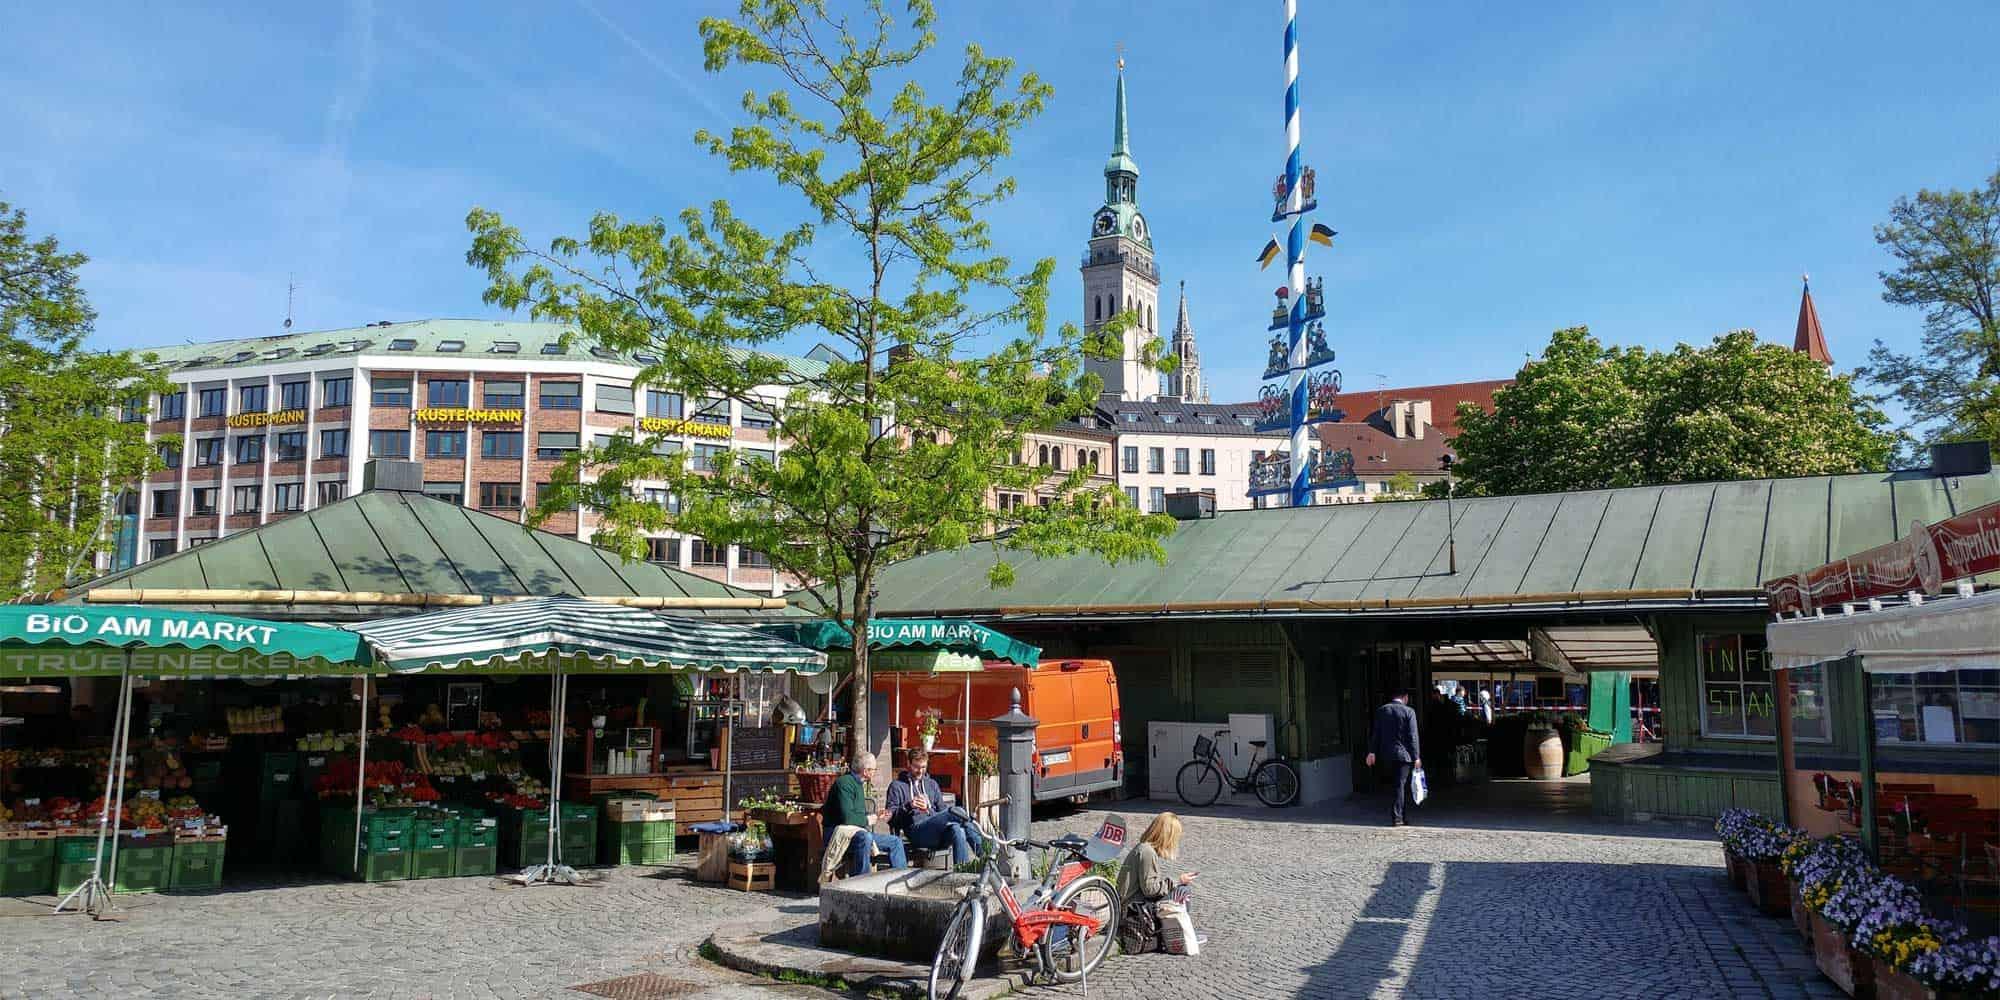 (c) Viktualienmarkt-muenchen.de